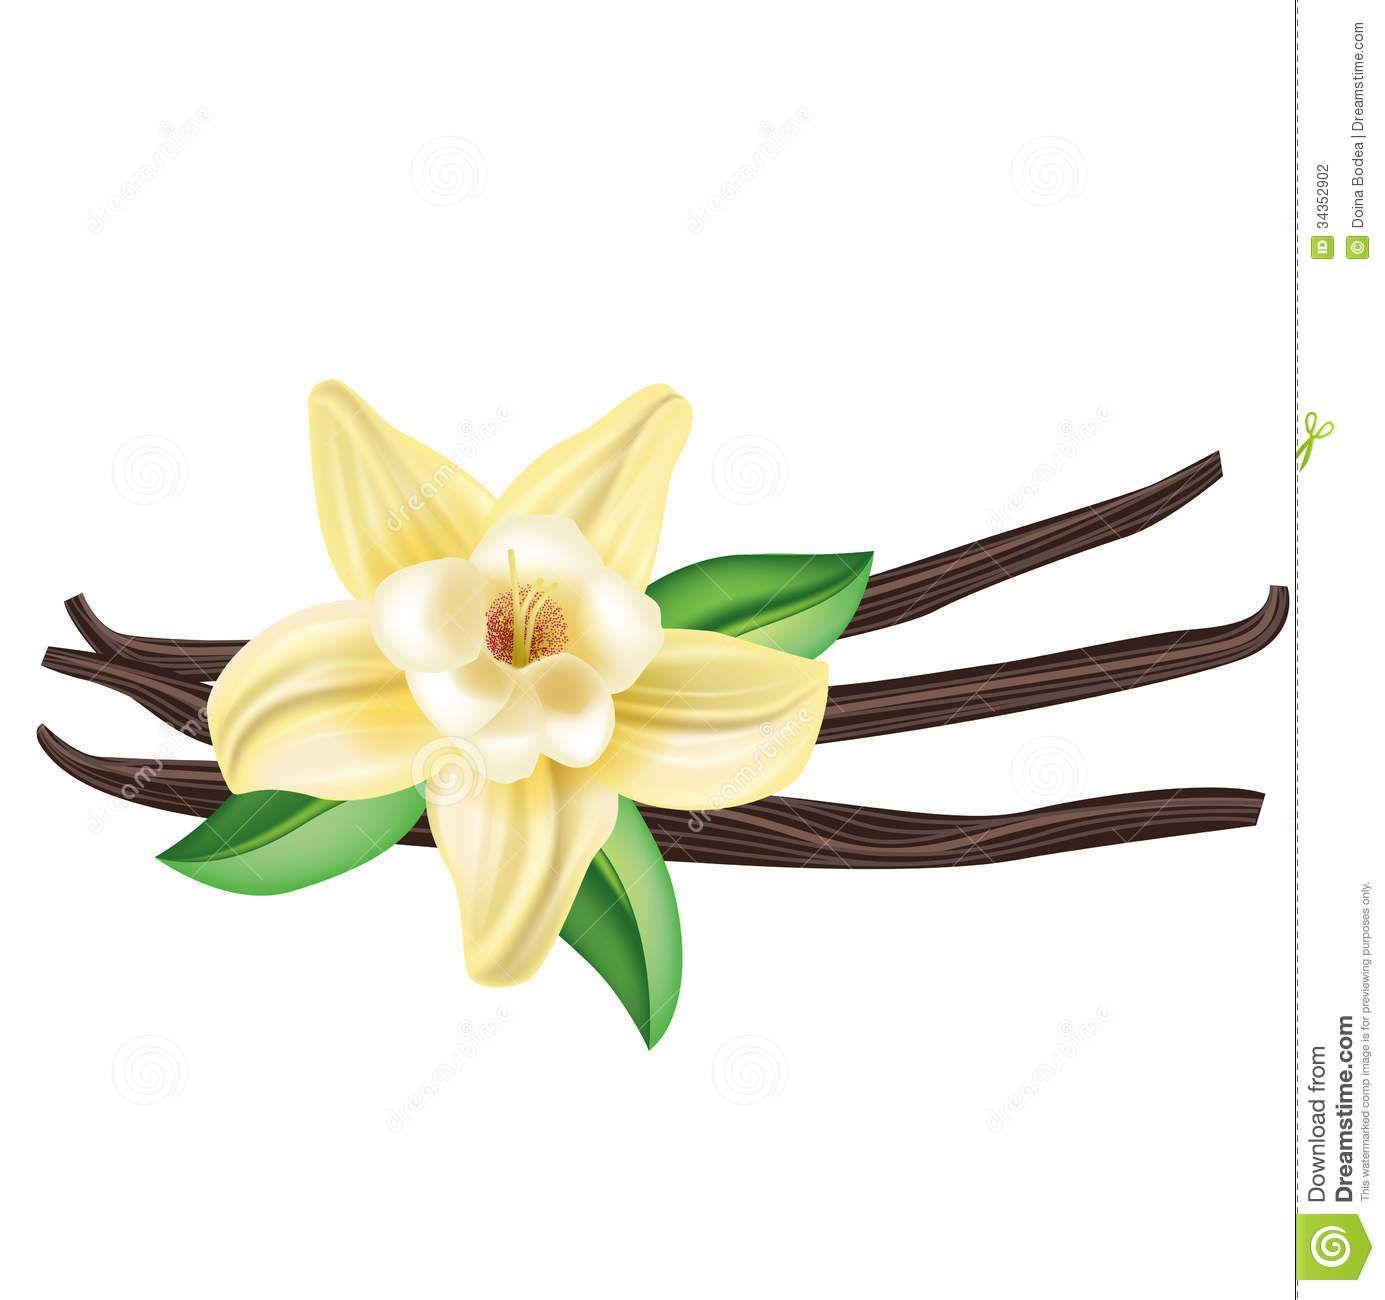 Vanilla Clipart Vanilla Flower Drawing Vanilla Bean Flower Flower Drawing Flowers Vanilla